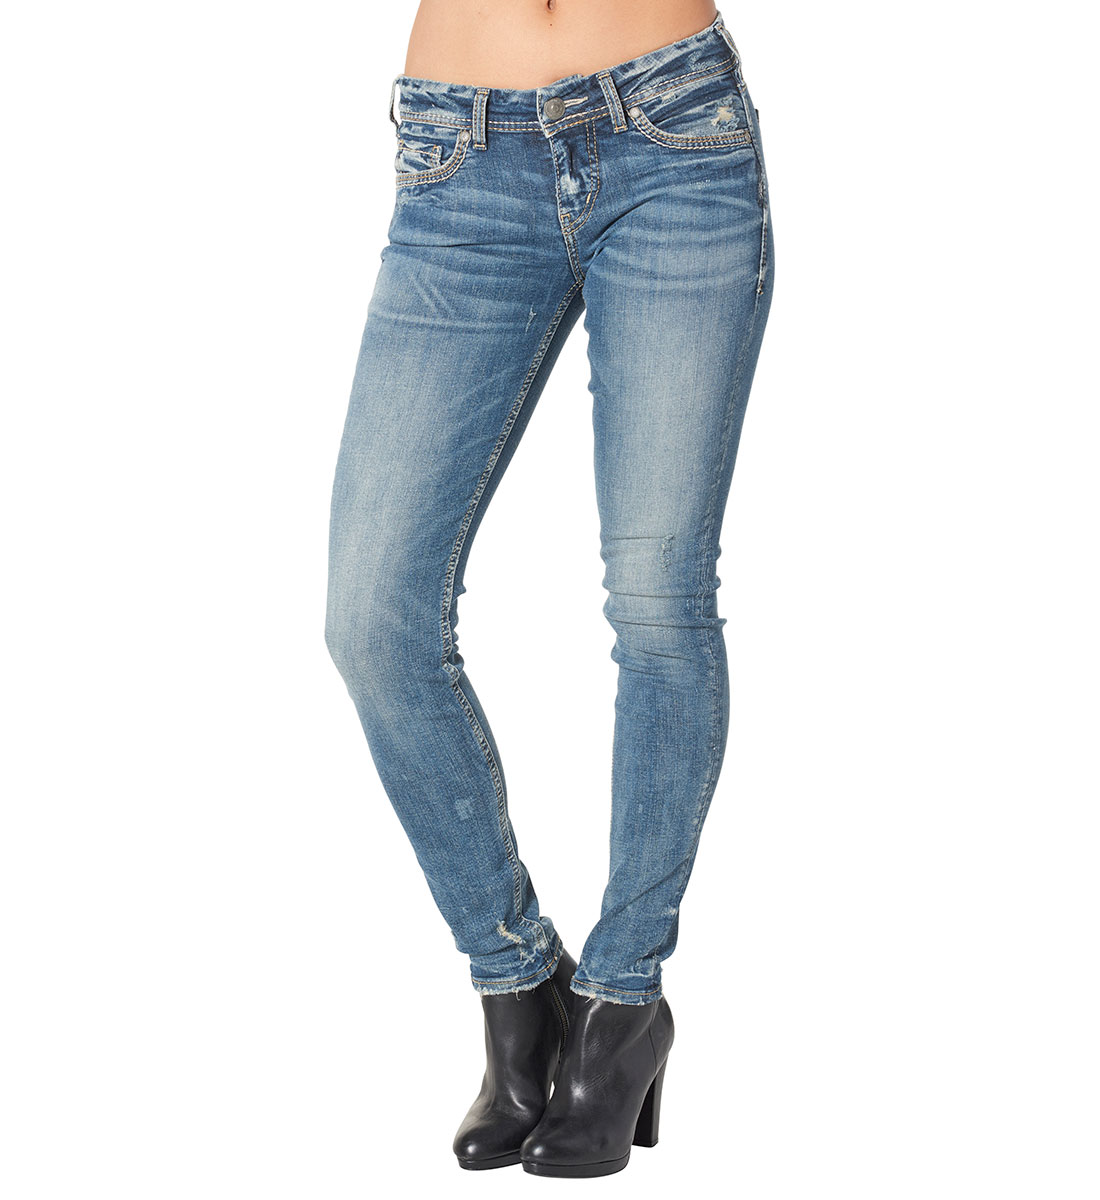 8b1c812d Aiko Mid Super Skinny Medium Wash - Silver Jeans US